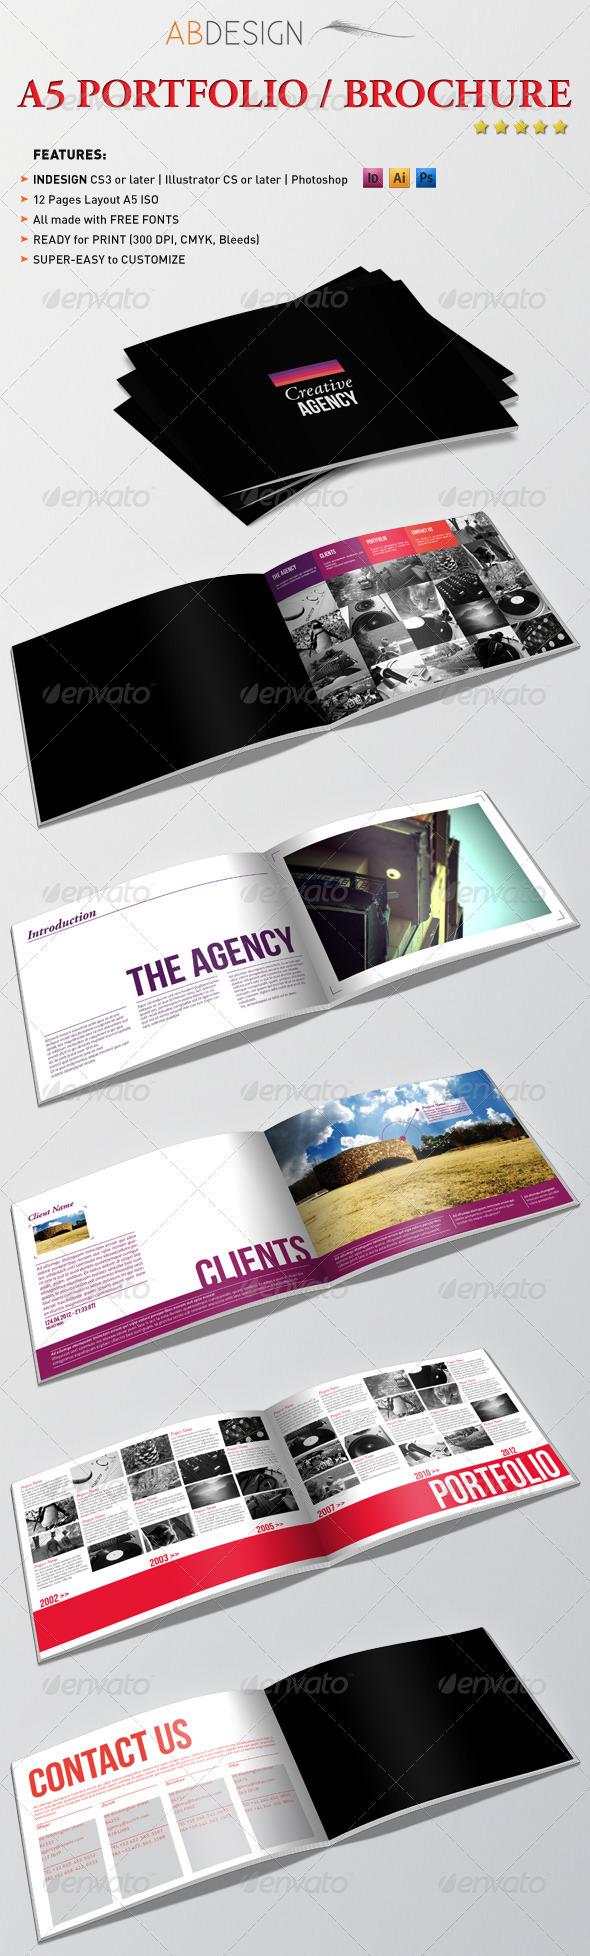 GraphicRiver A5 Portfolio Brochure 2403638